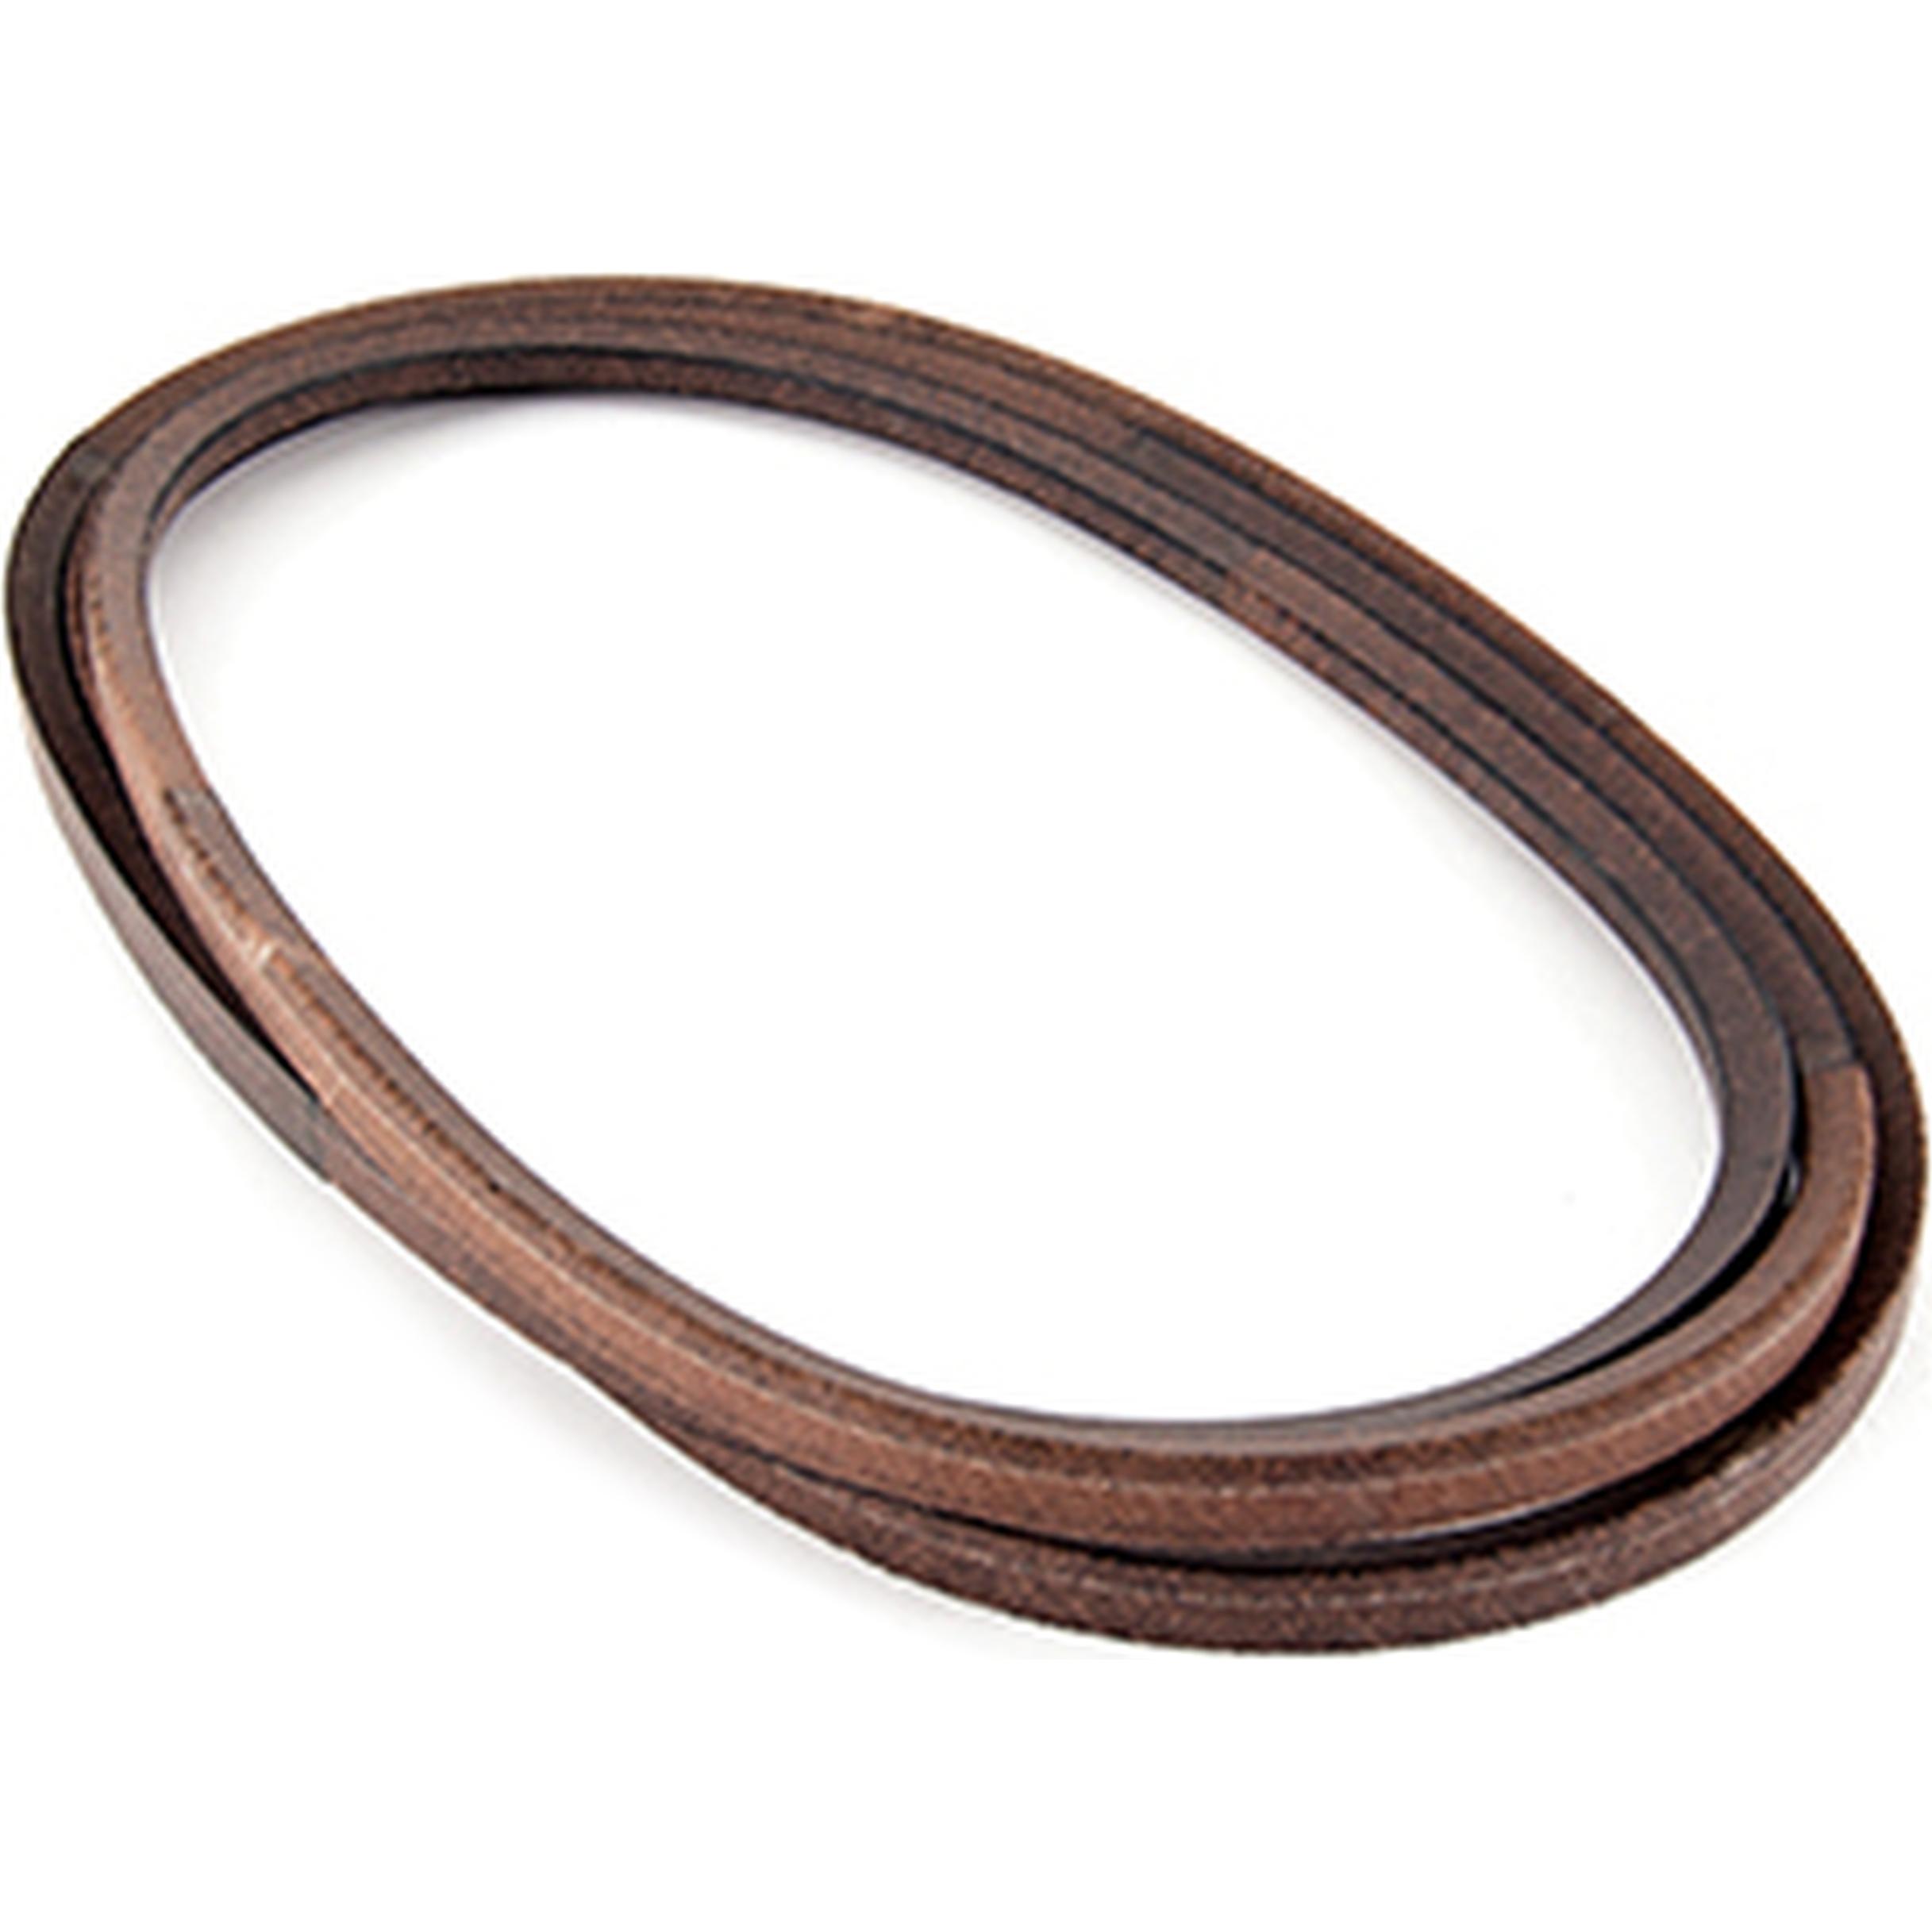 MTD Brands 954-04083 Deck Belt